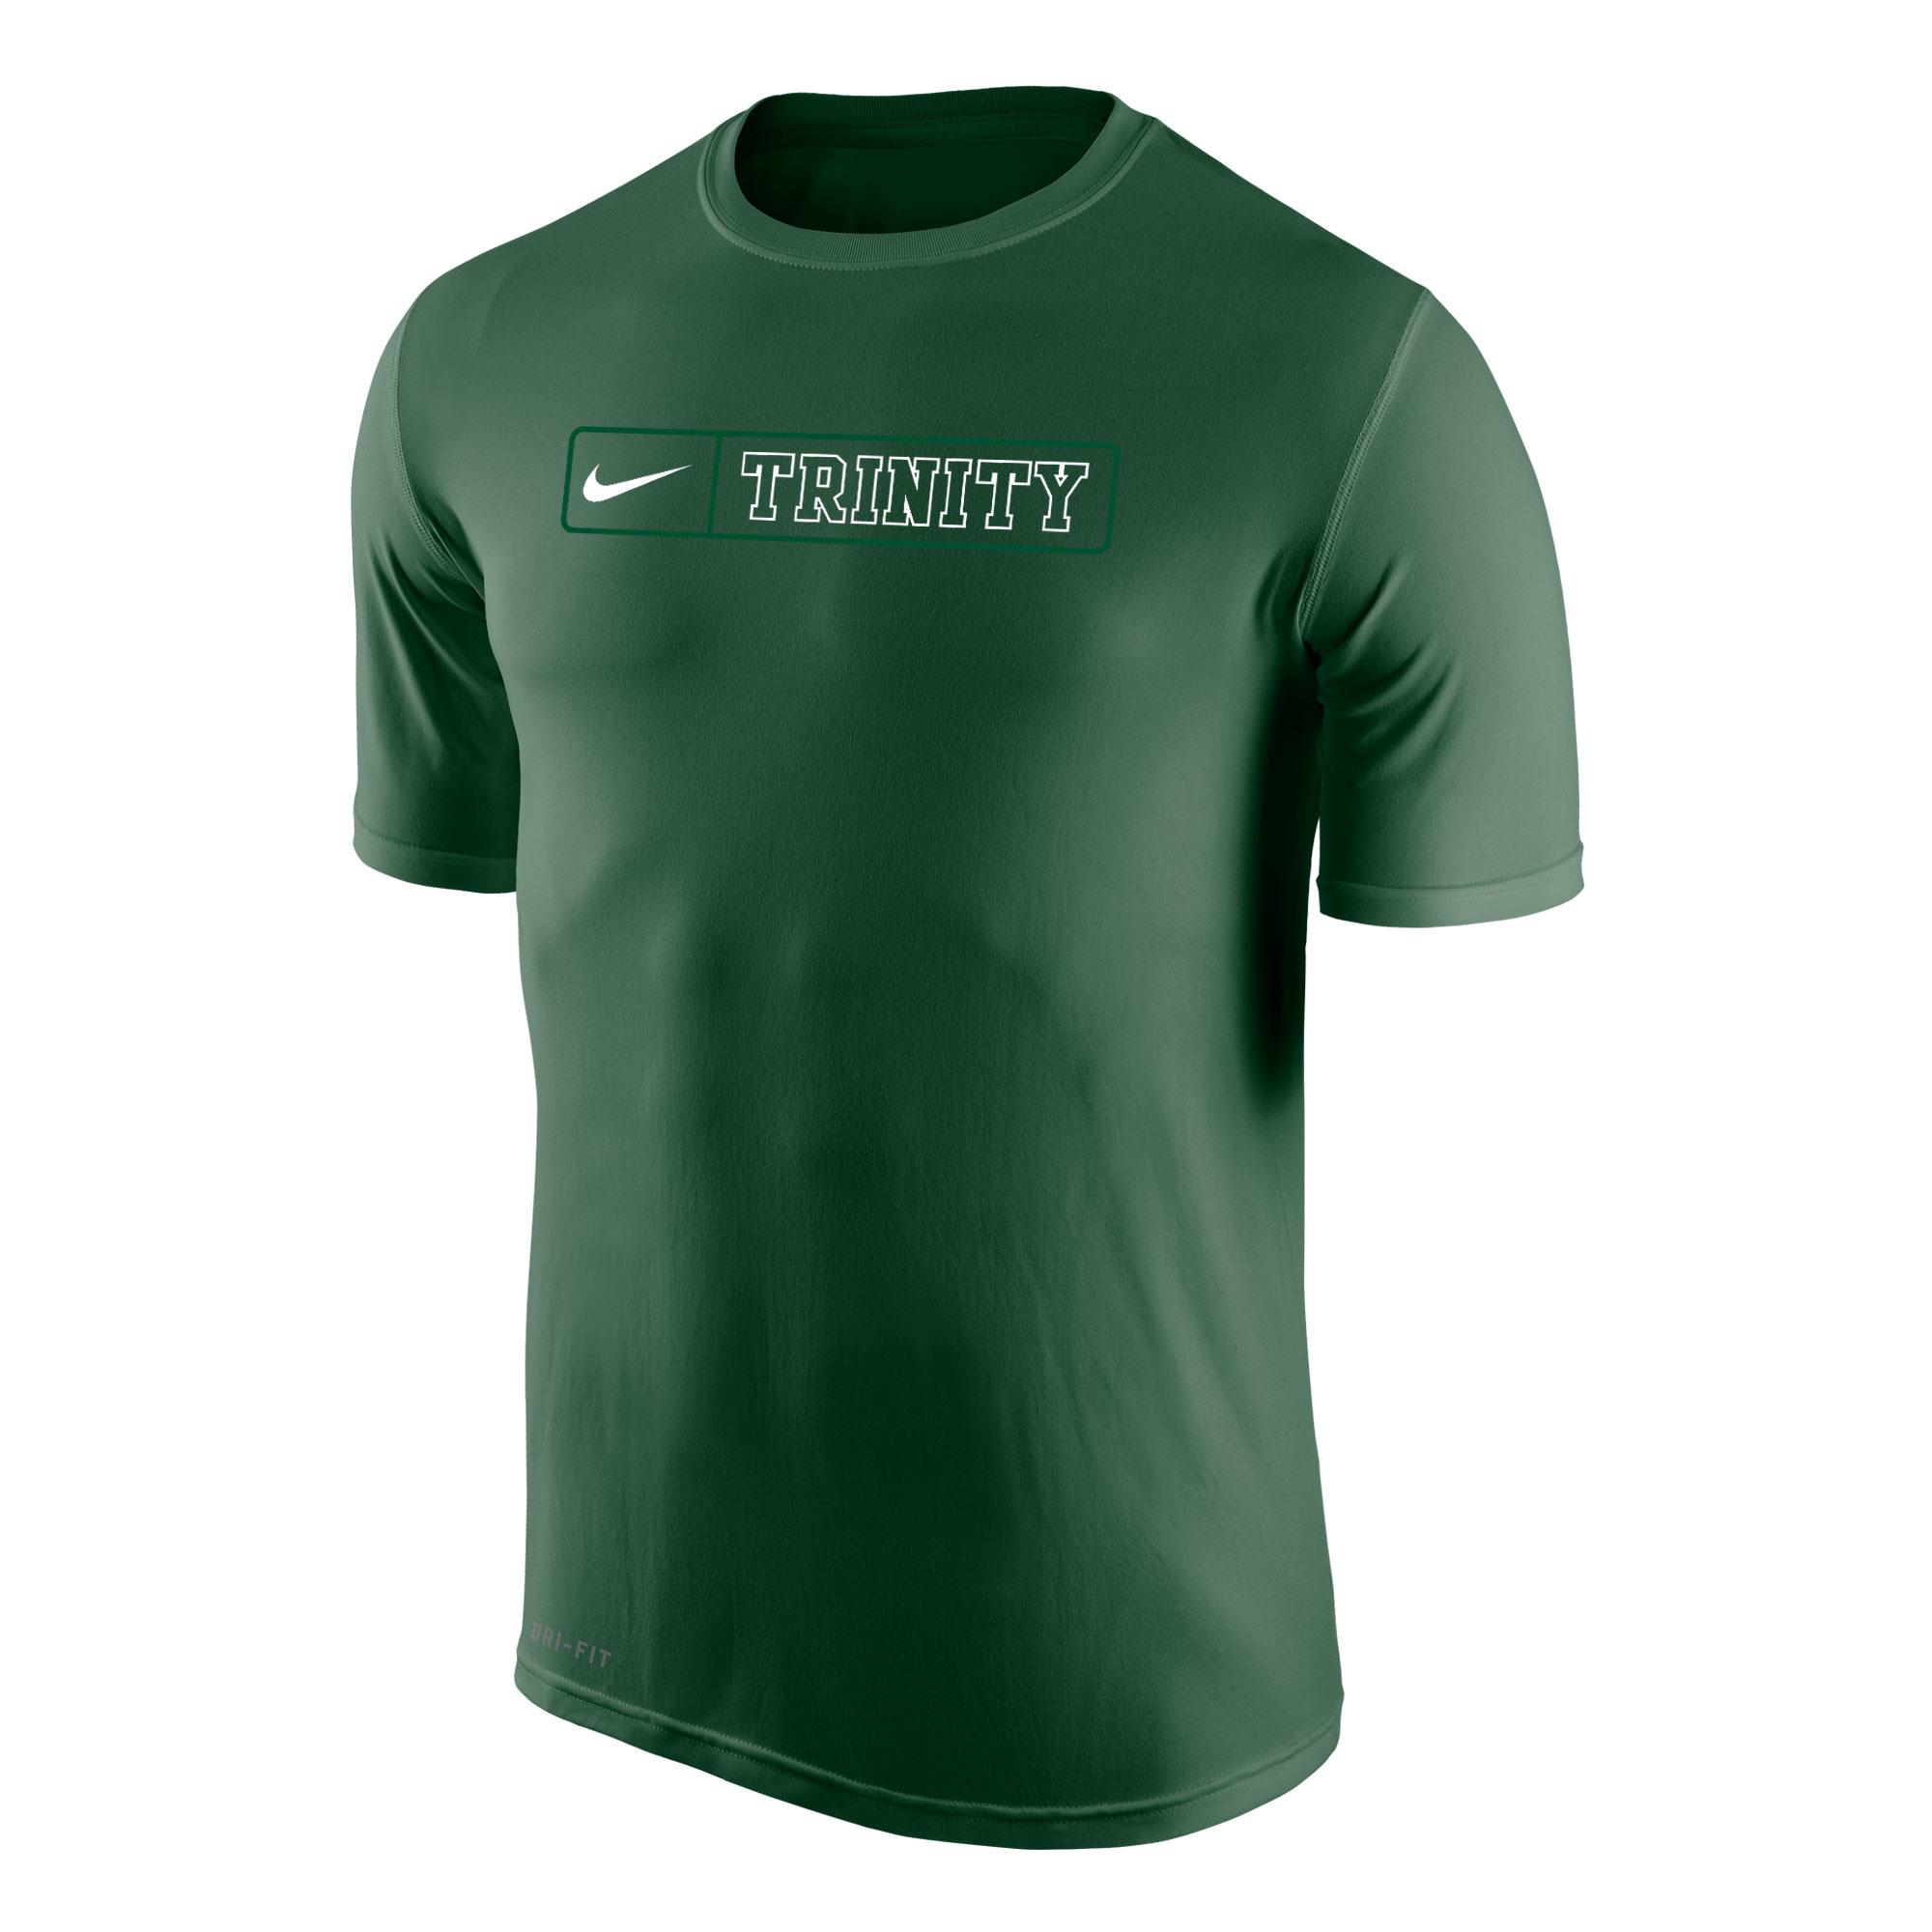 Nike Nike New Legend Green Dri Fit Tee New 2020